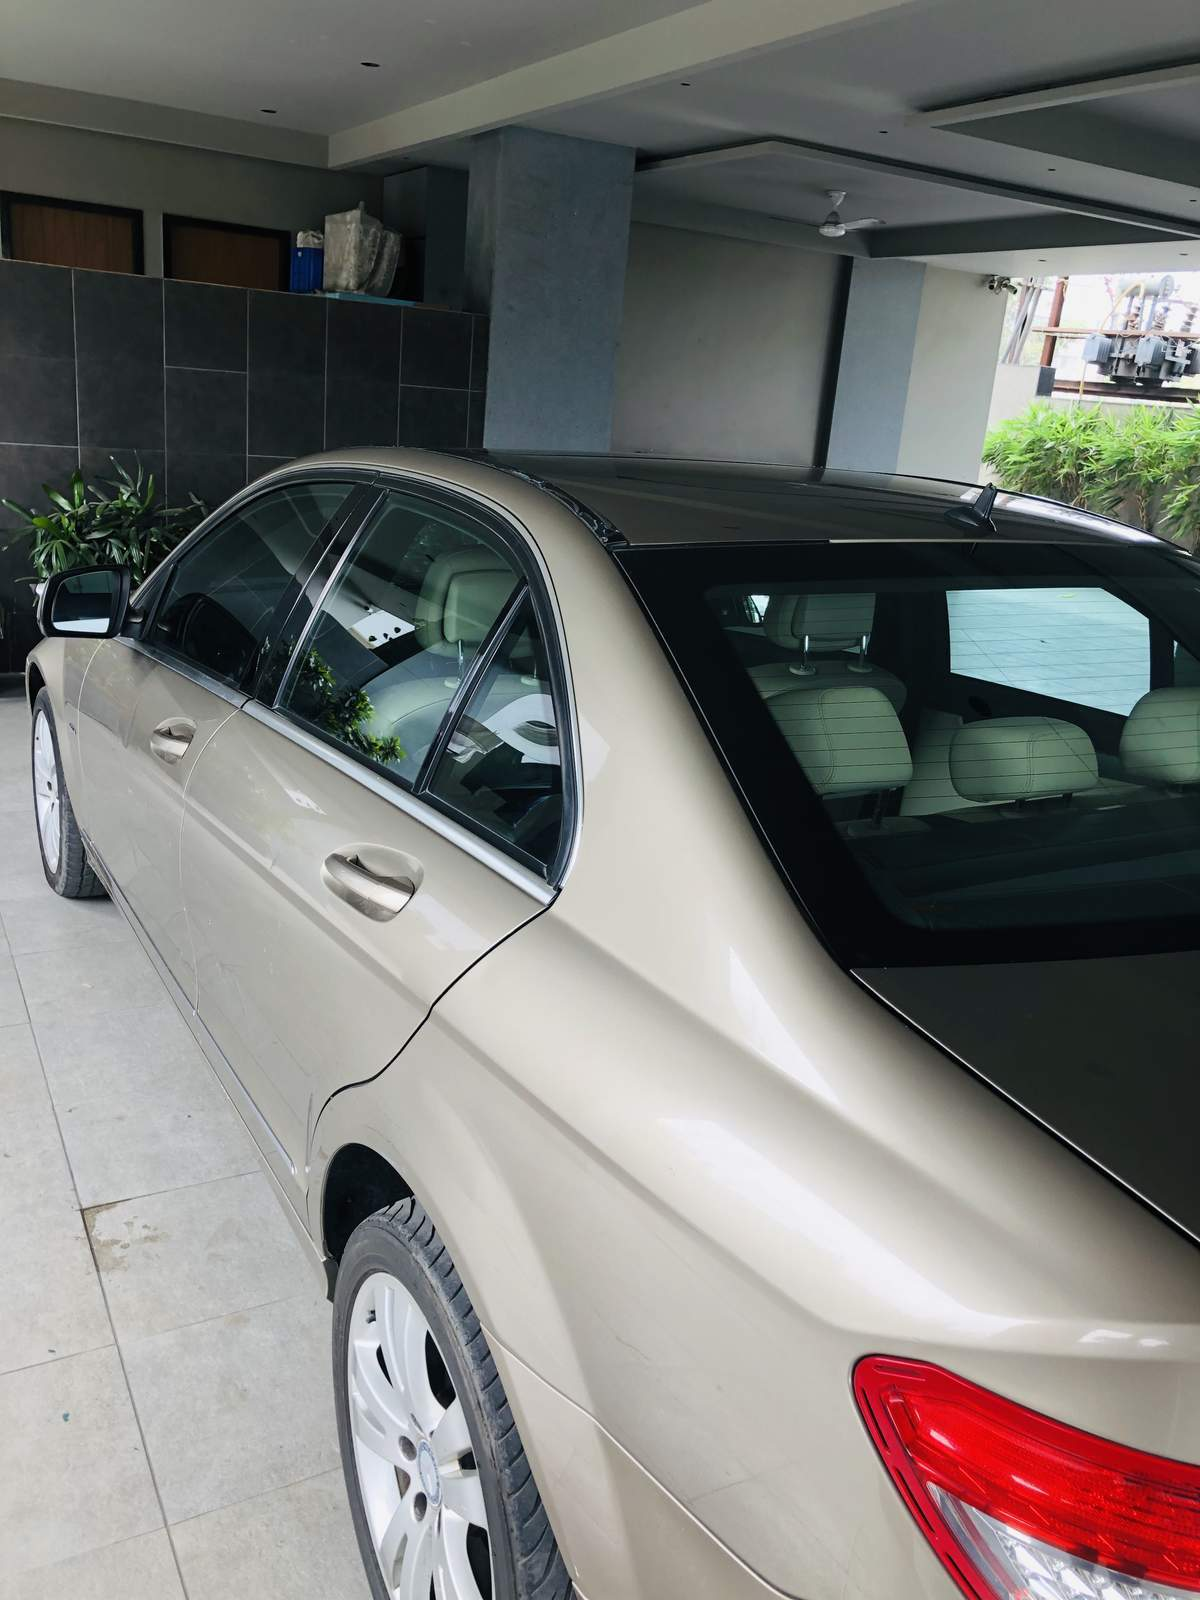 Mercedes Benz C Class Rear Left Rim